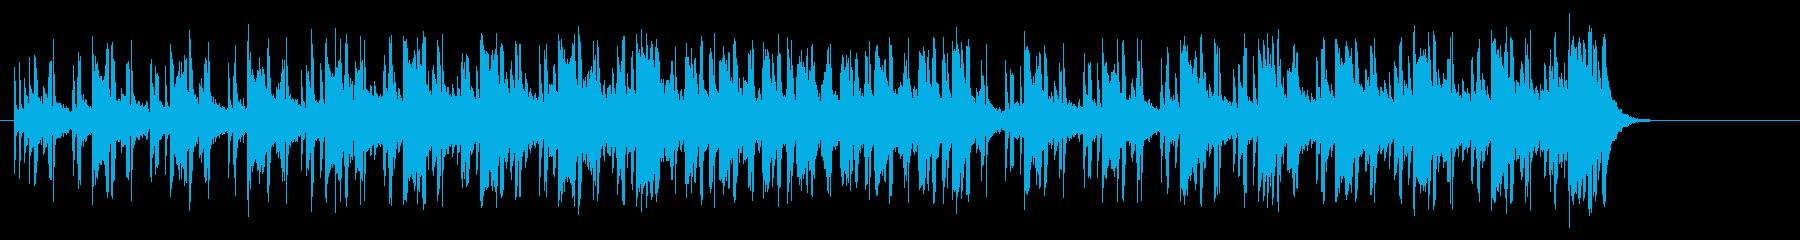 広がりを感じる情報向けポップ/BGの再生済みの波形